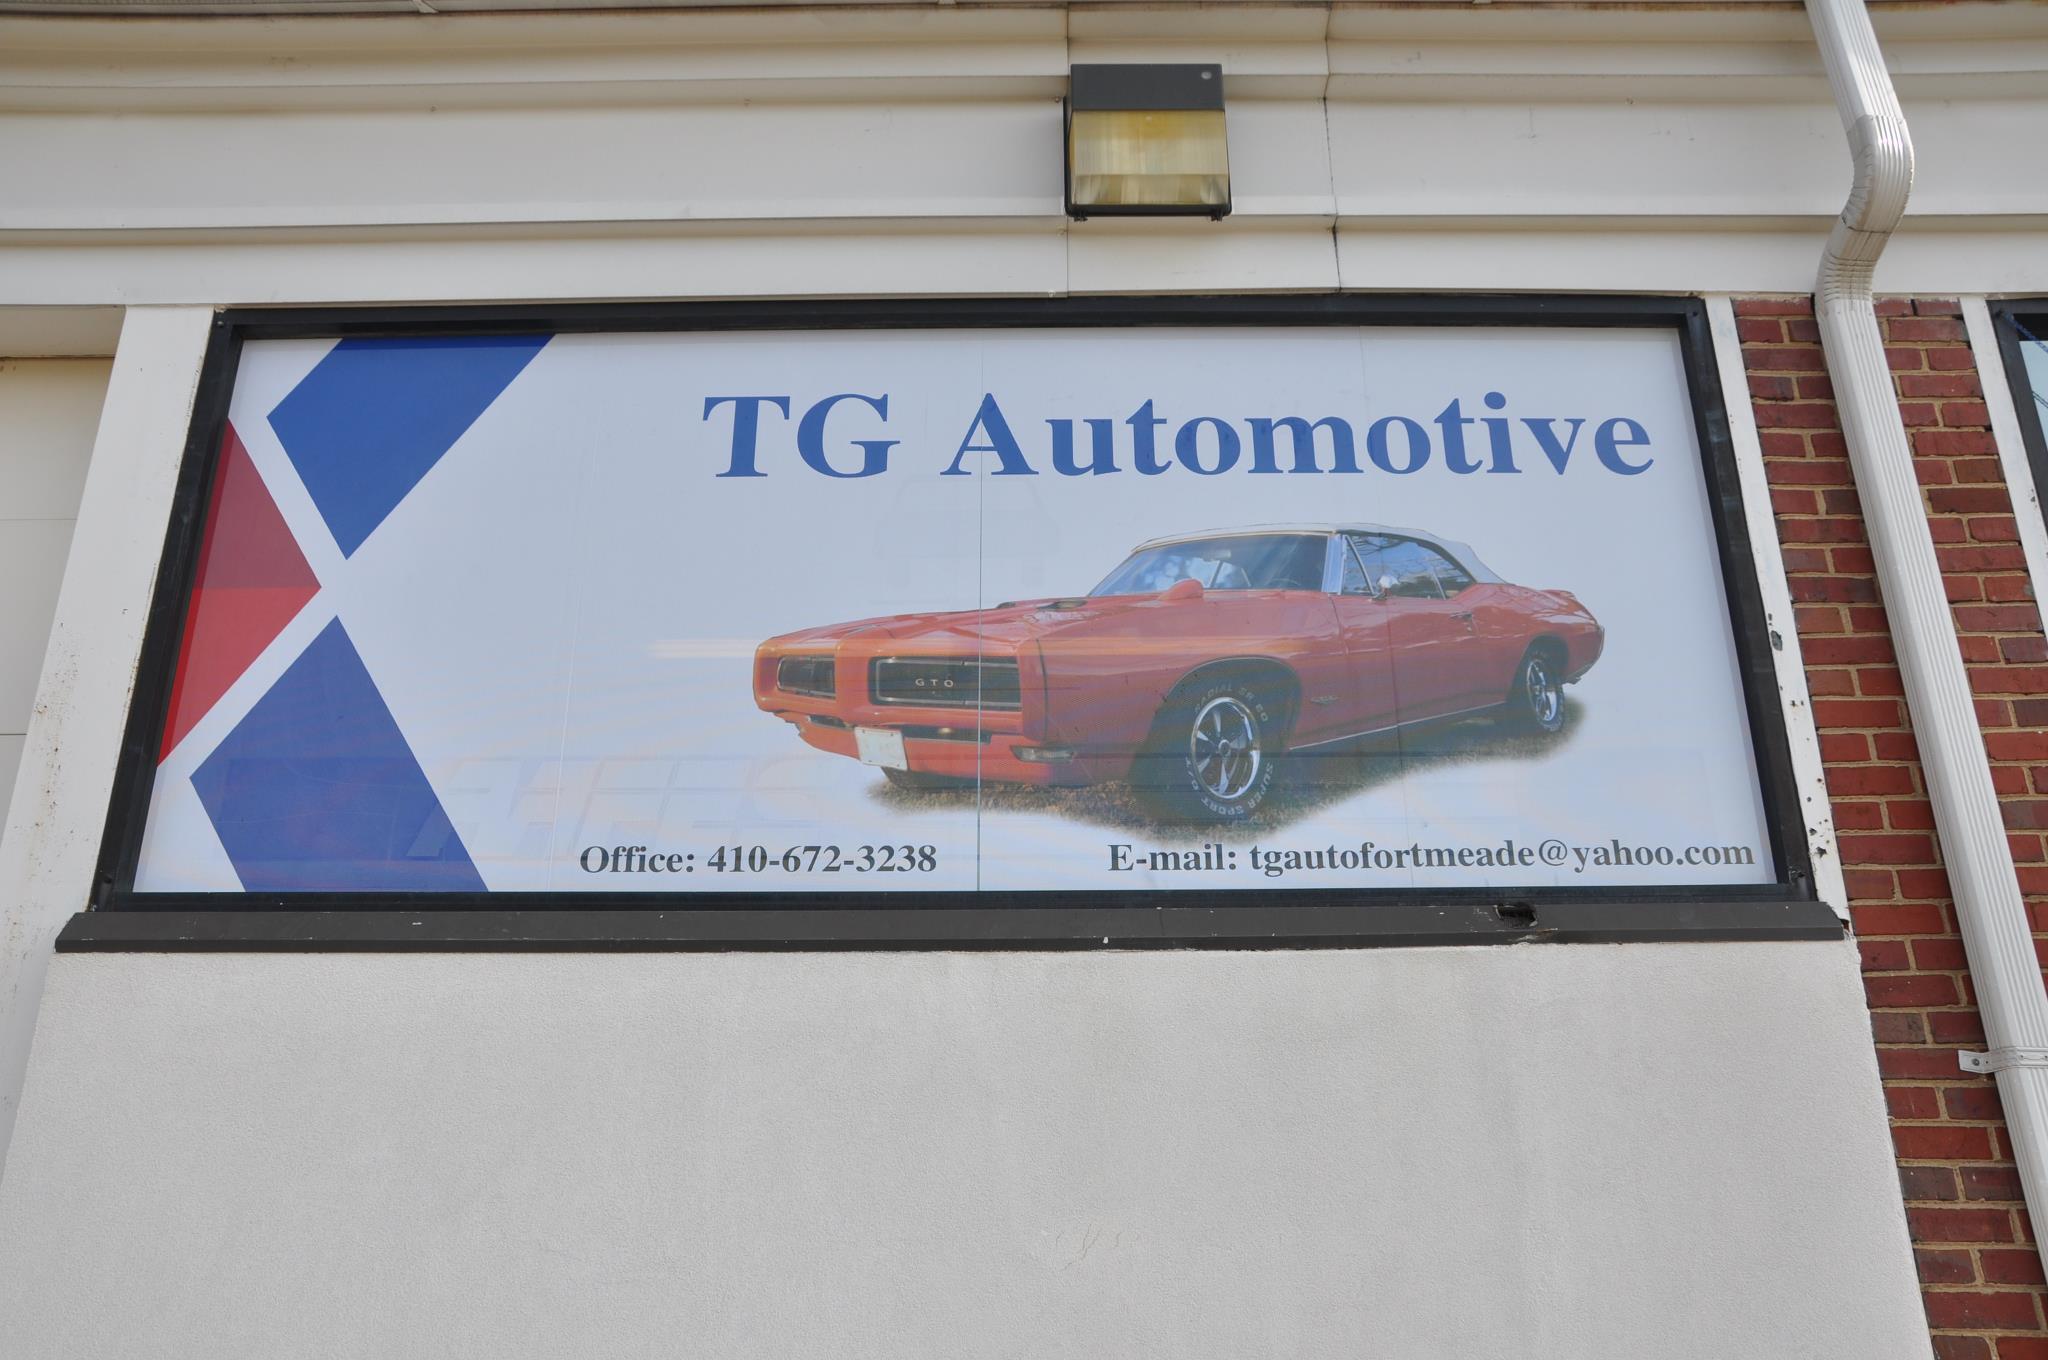 TG Automotive, Inc. image 2